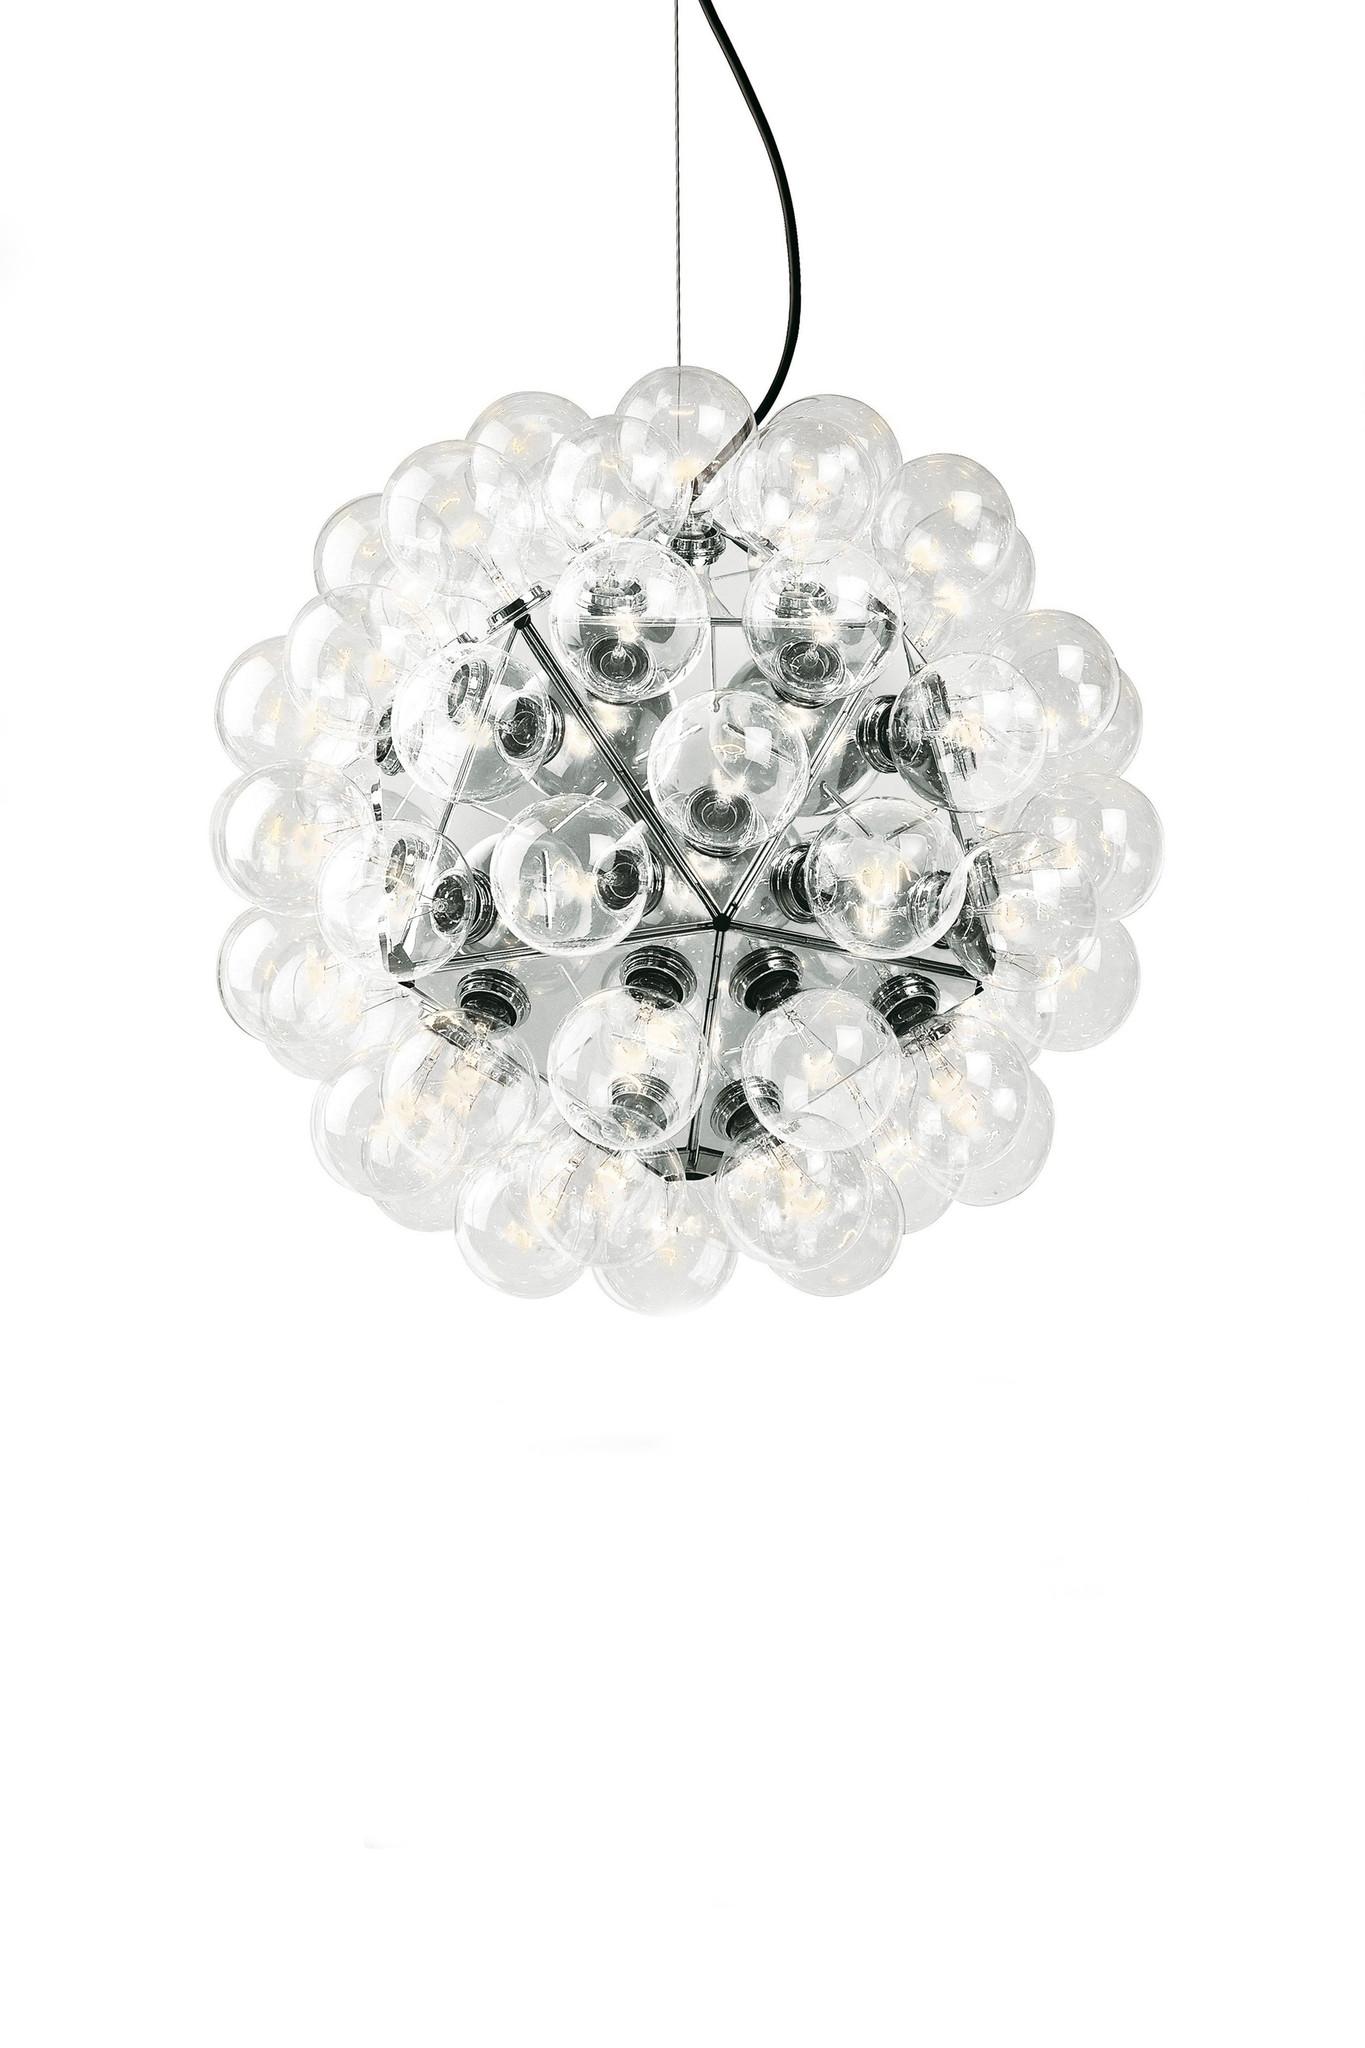 Flos Taraxacum 88 lamp ontworpen door Achille Castiglioni